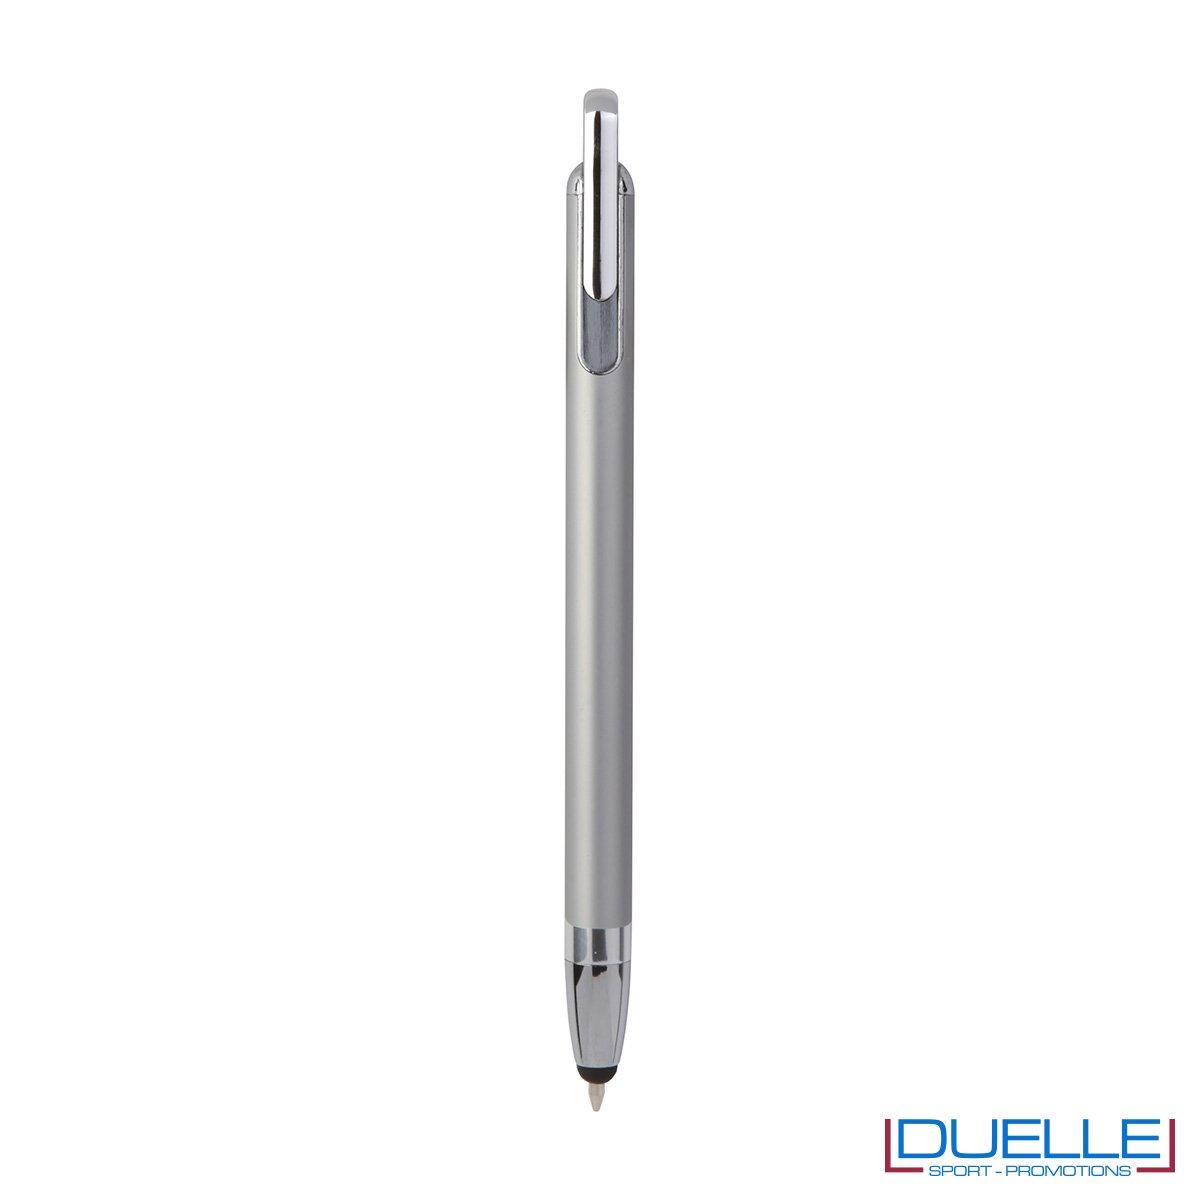 Penna touch screen con fusto interamente in metallo e puntale in plastica colore argento